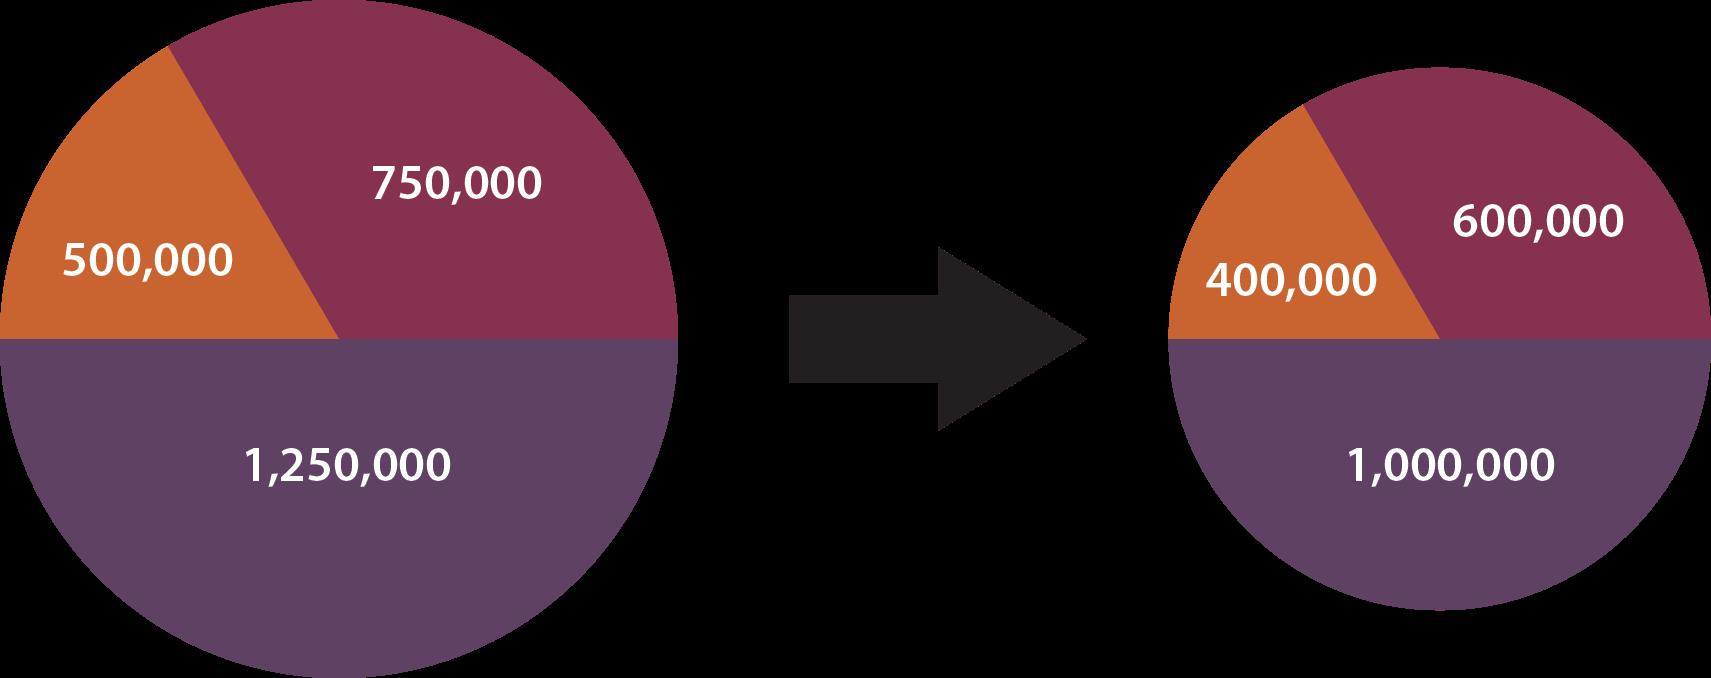 Lump Sum pie chart